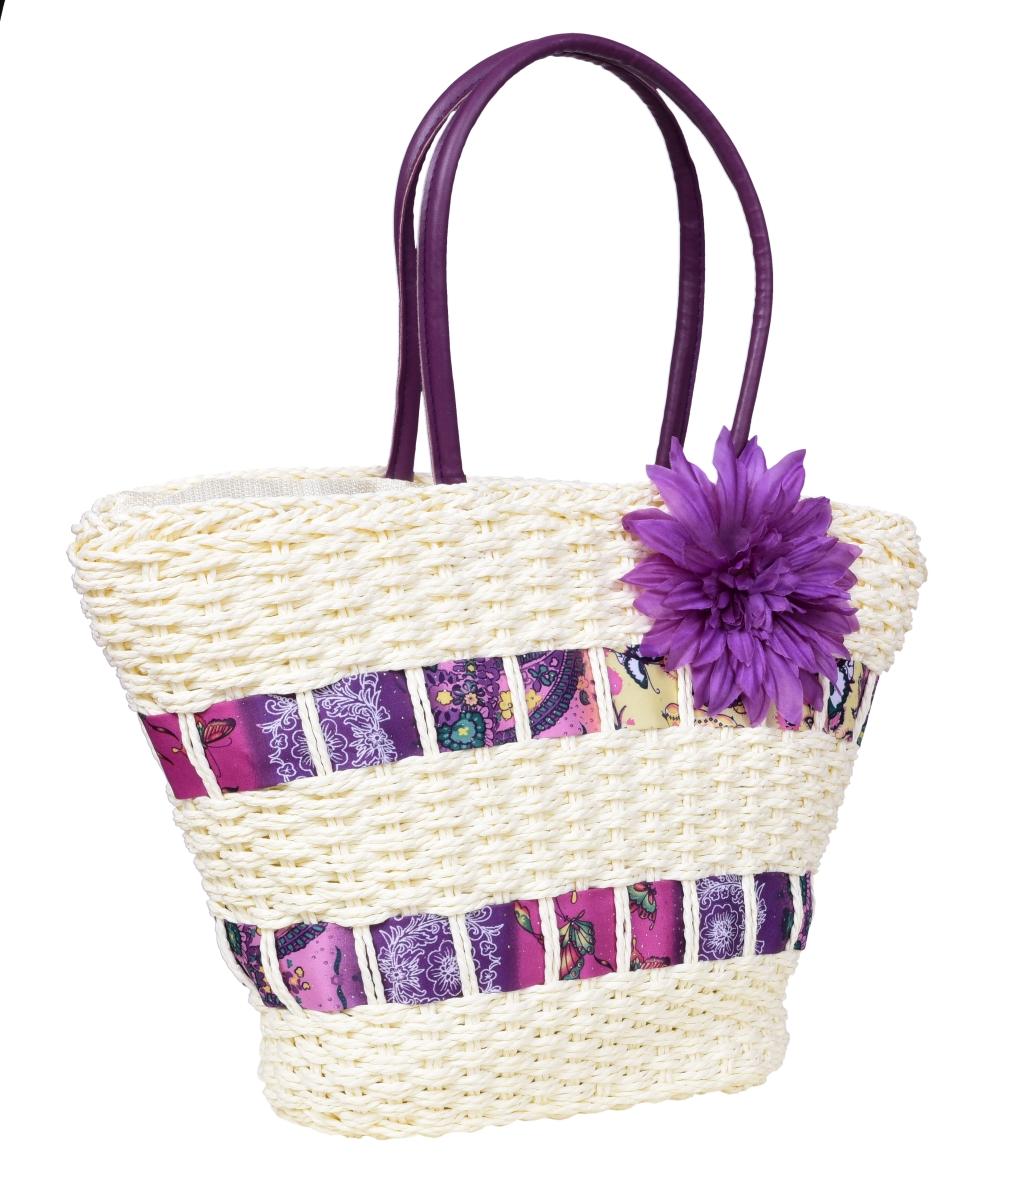 Kabelka DONNA, fialová květina